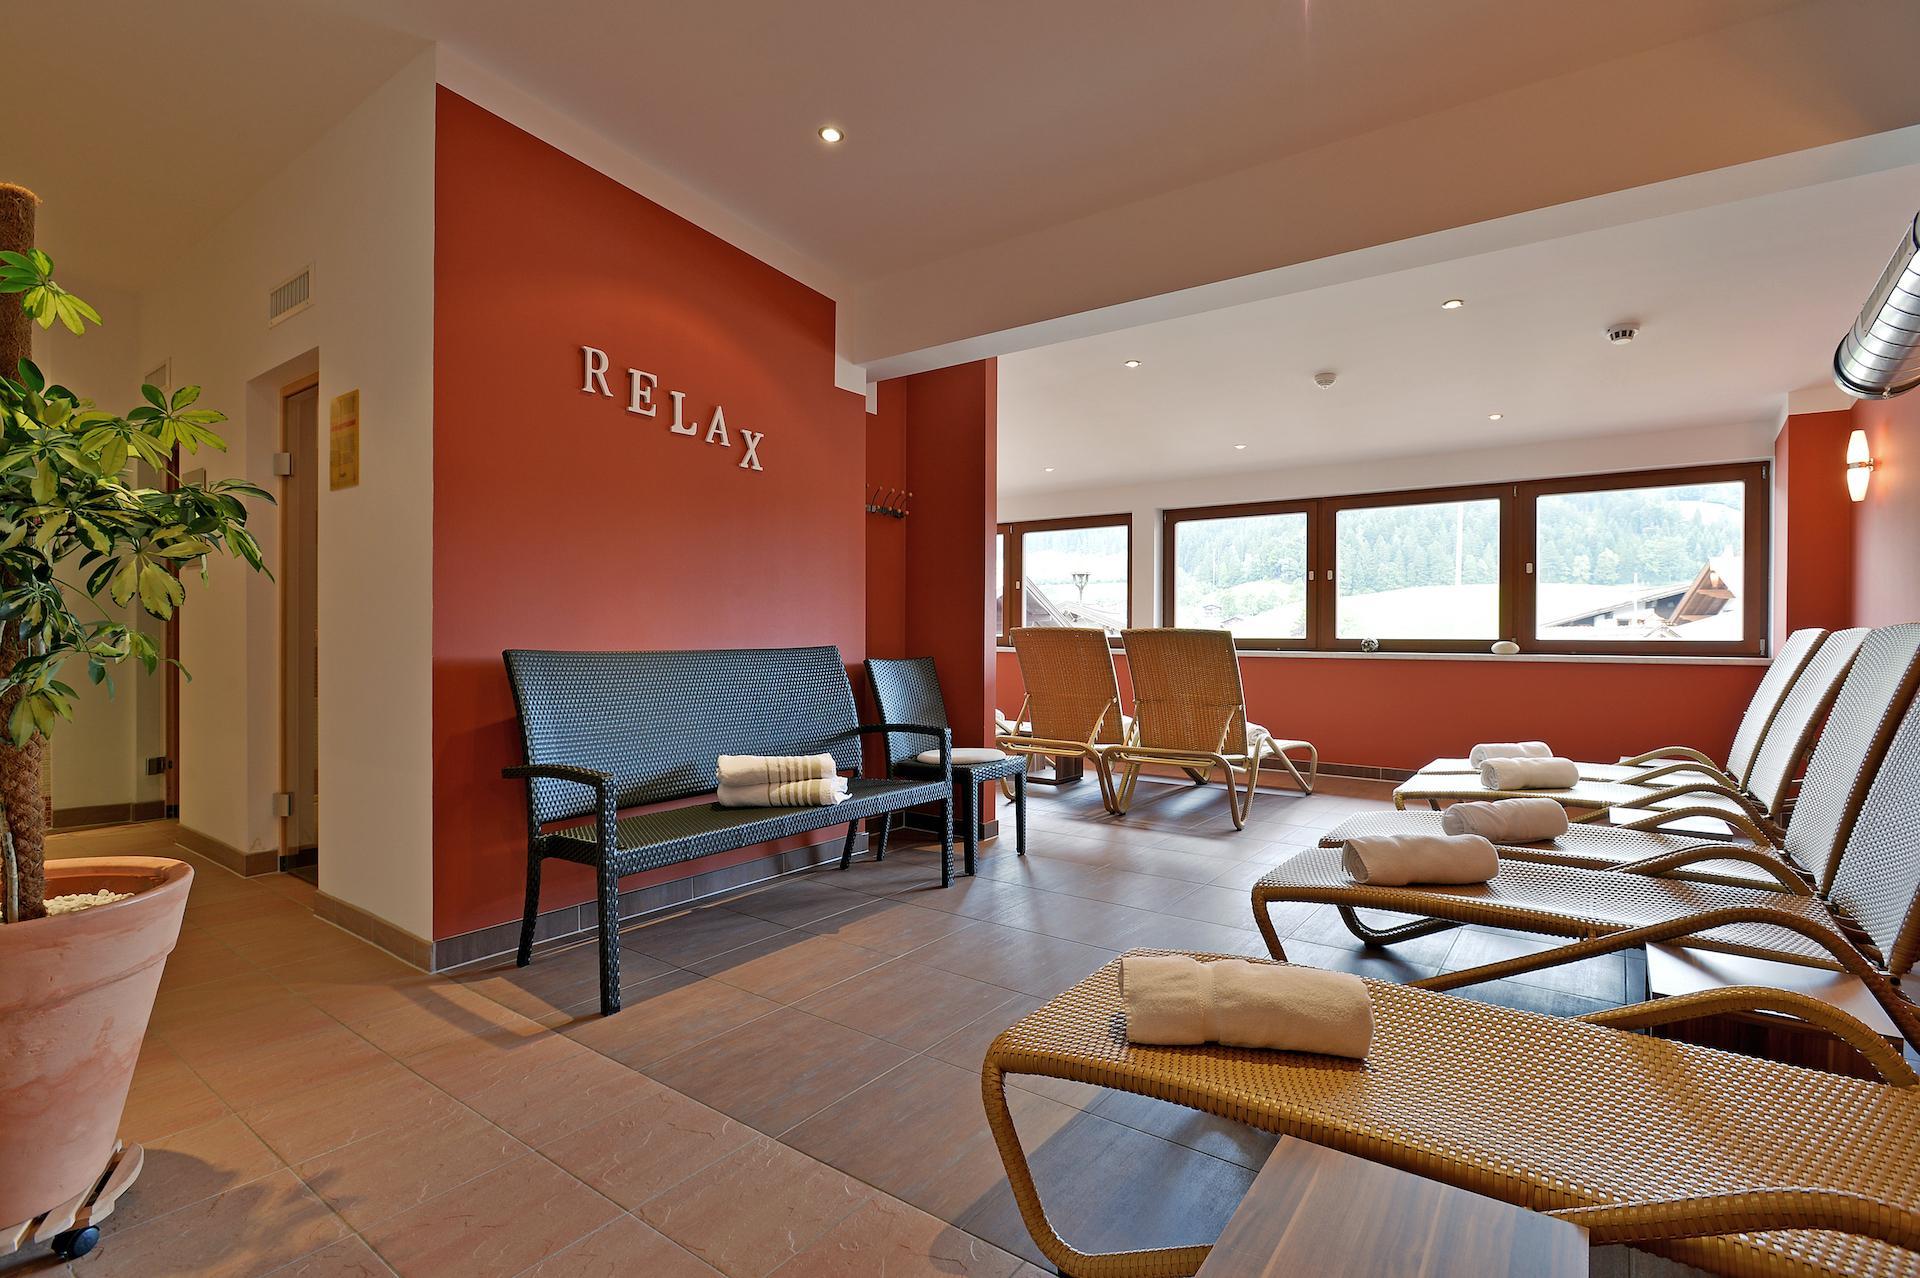 Tennenwirt Guesthouse #Willkommen#Preise#Bildergalerie#Sauna